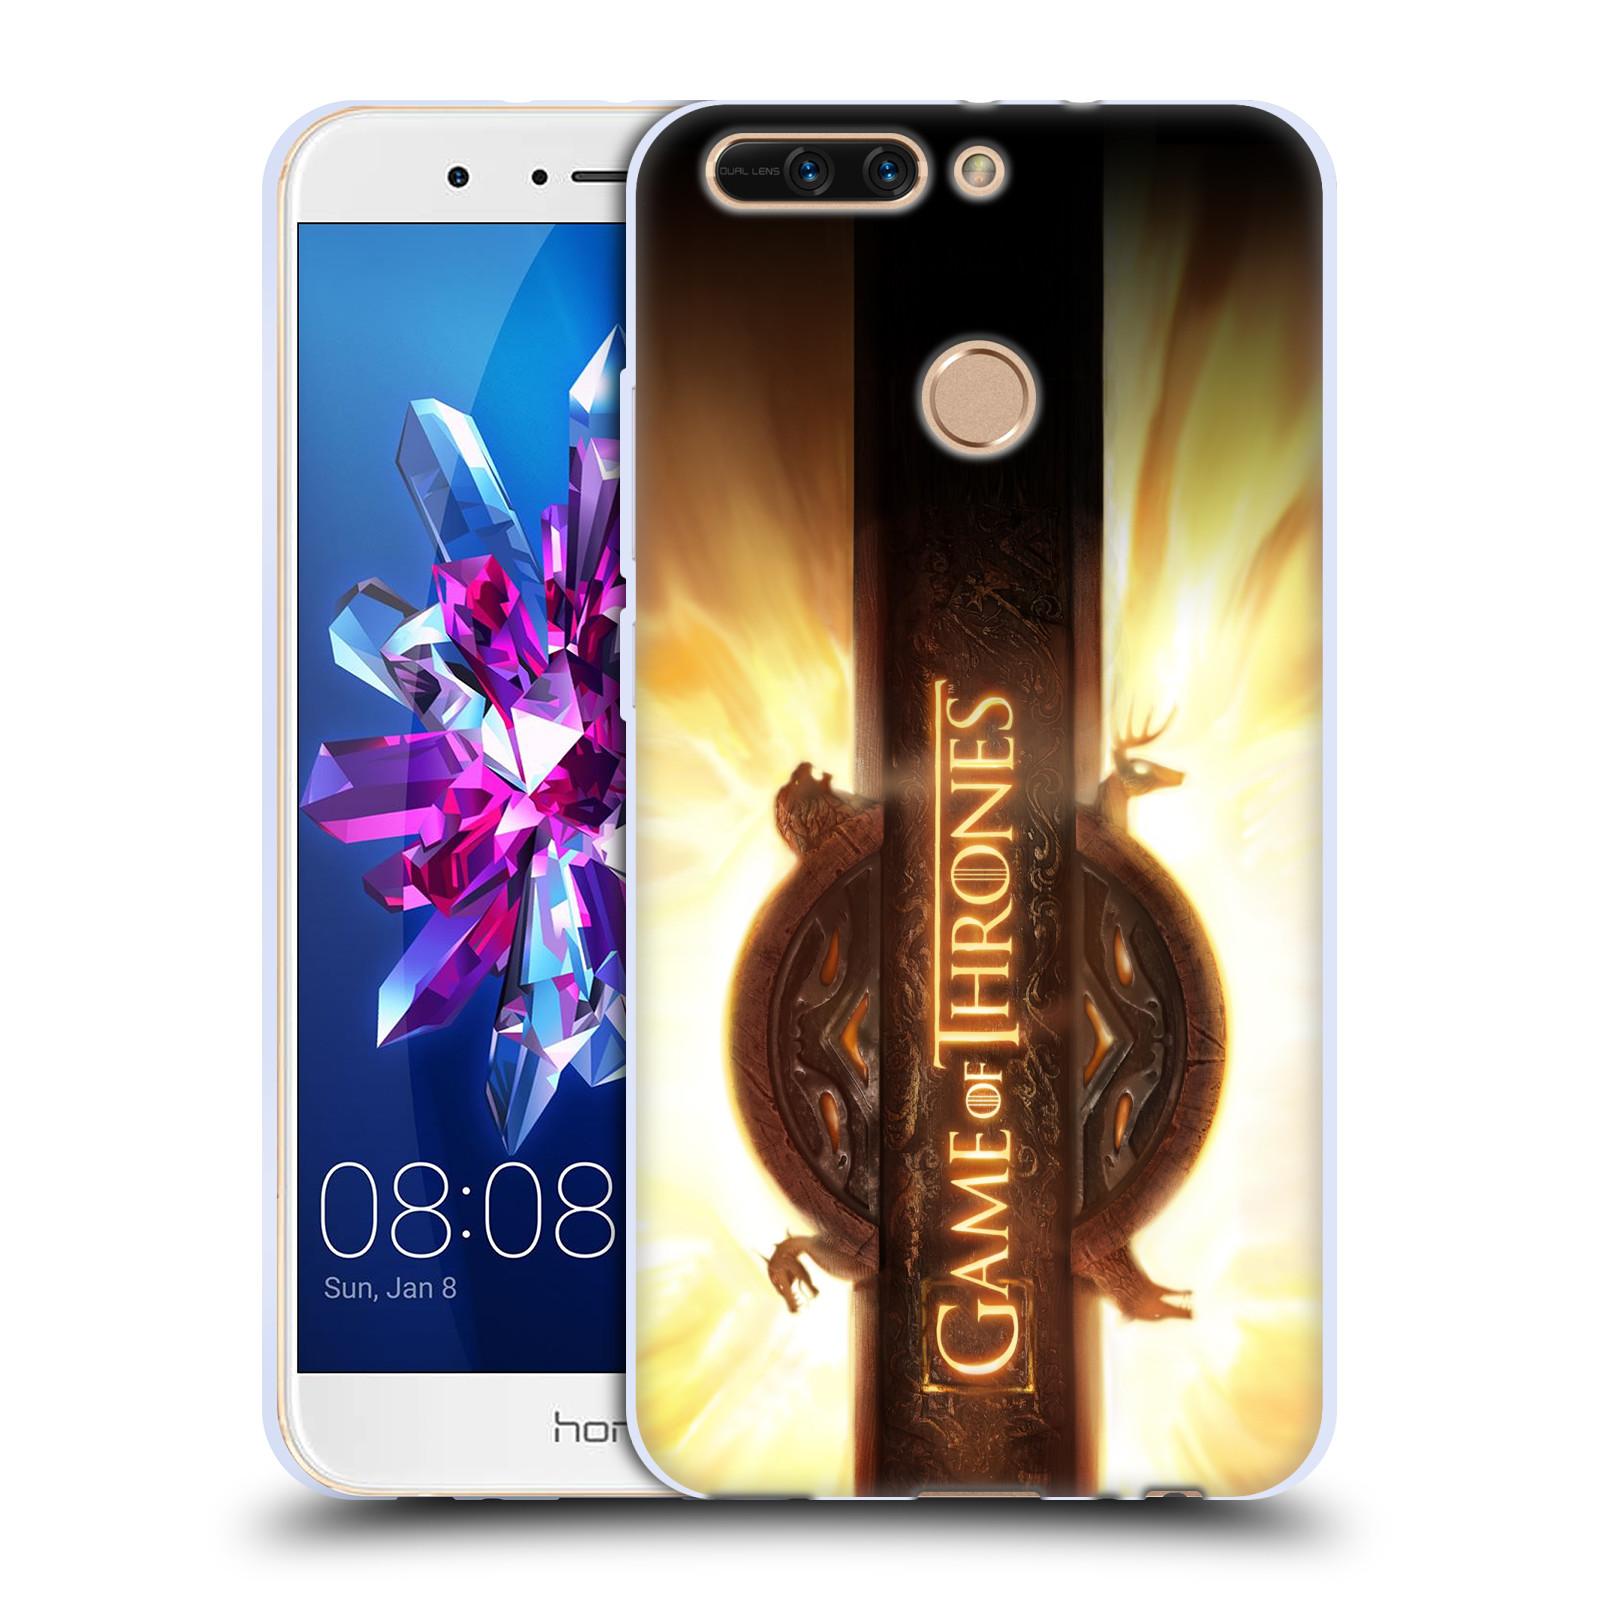 HEAD CASE silikonový obal na mobil Huawei HONOR 8 PRO / Honor 8 PRO DUAL SIM oficiální kryt Hra o trůny úvodní motiv oheň